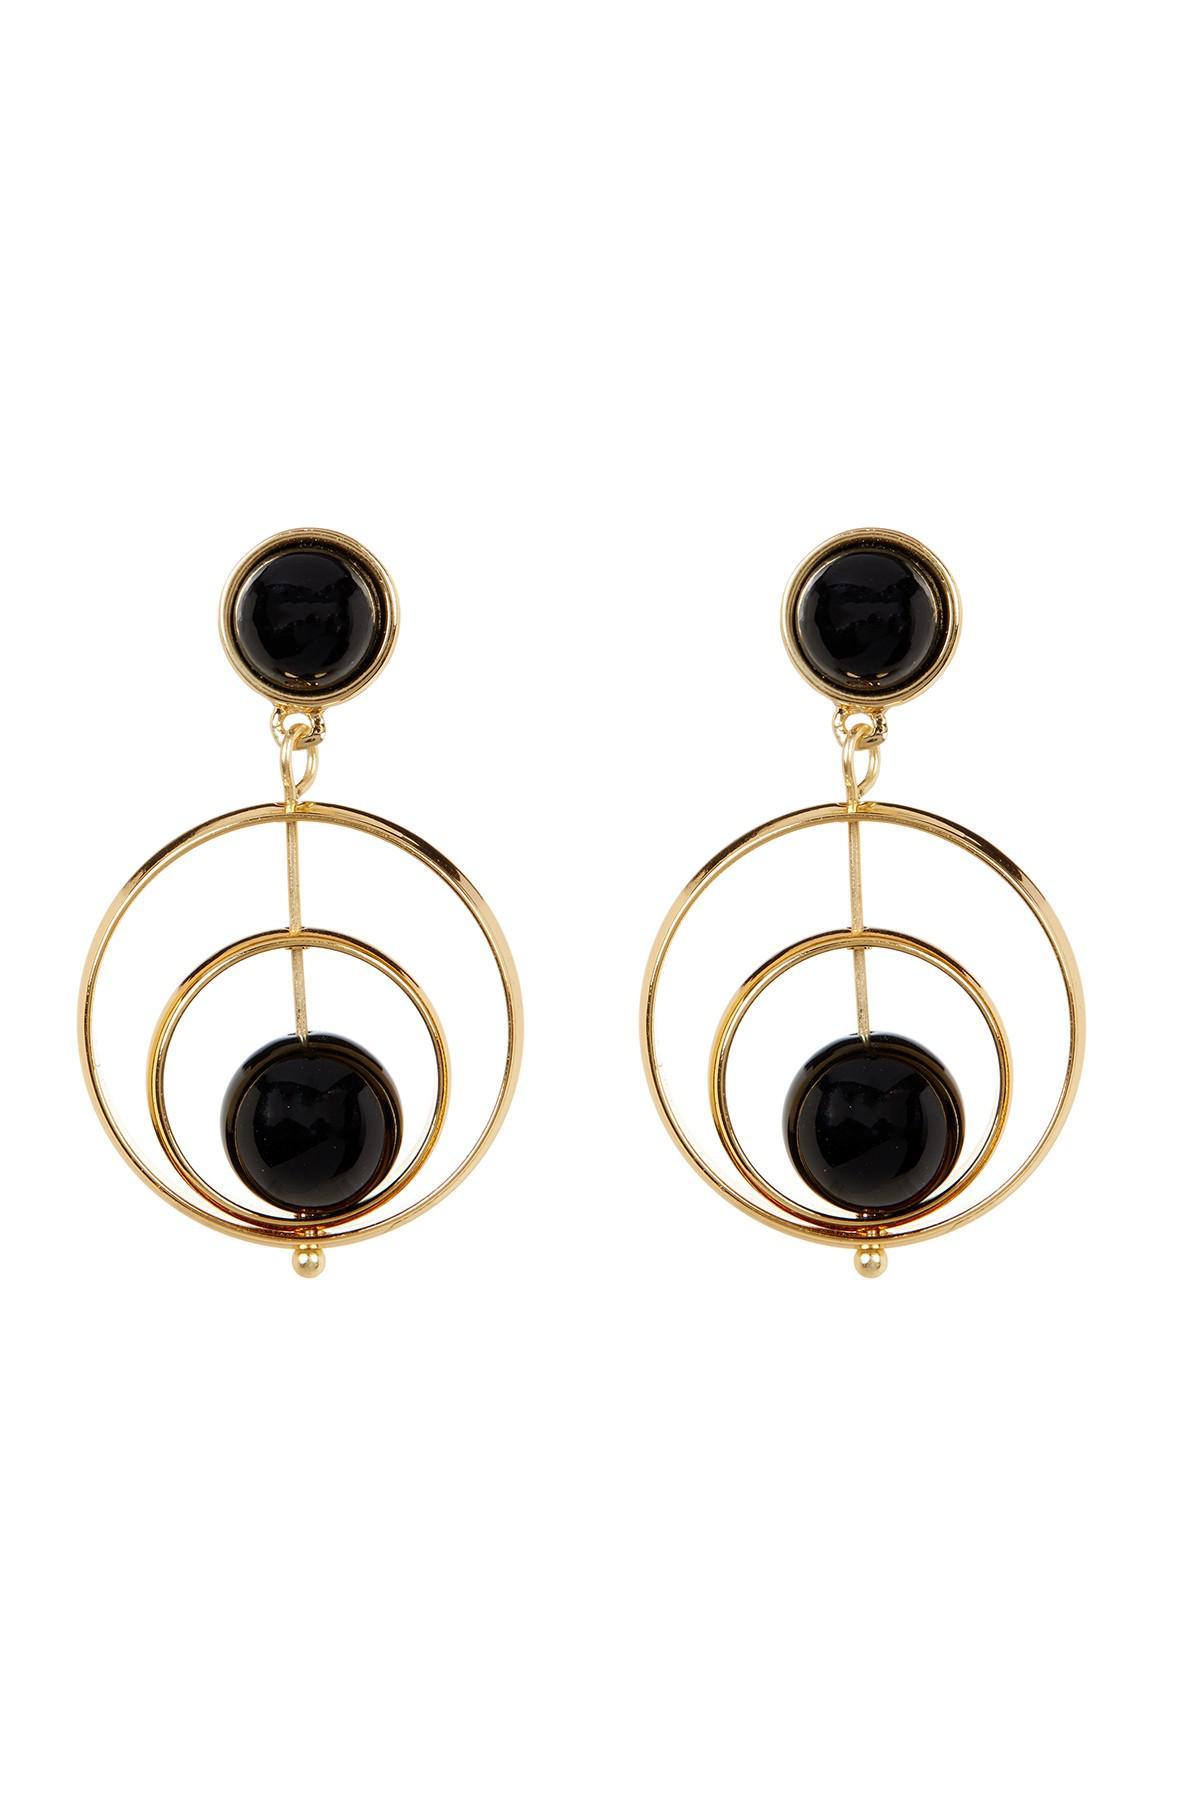 Trina Turk Women S Double Drop Spinning Earrings